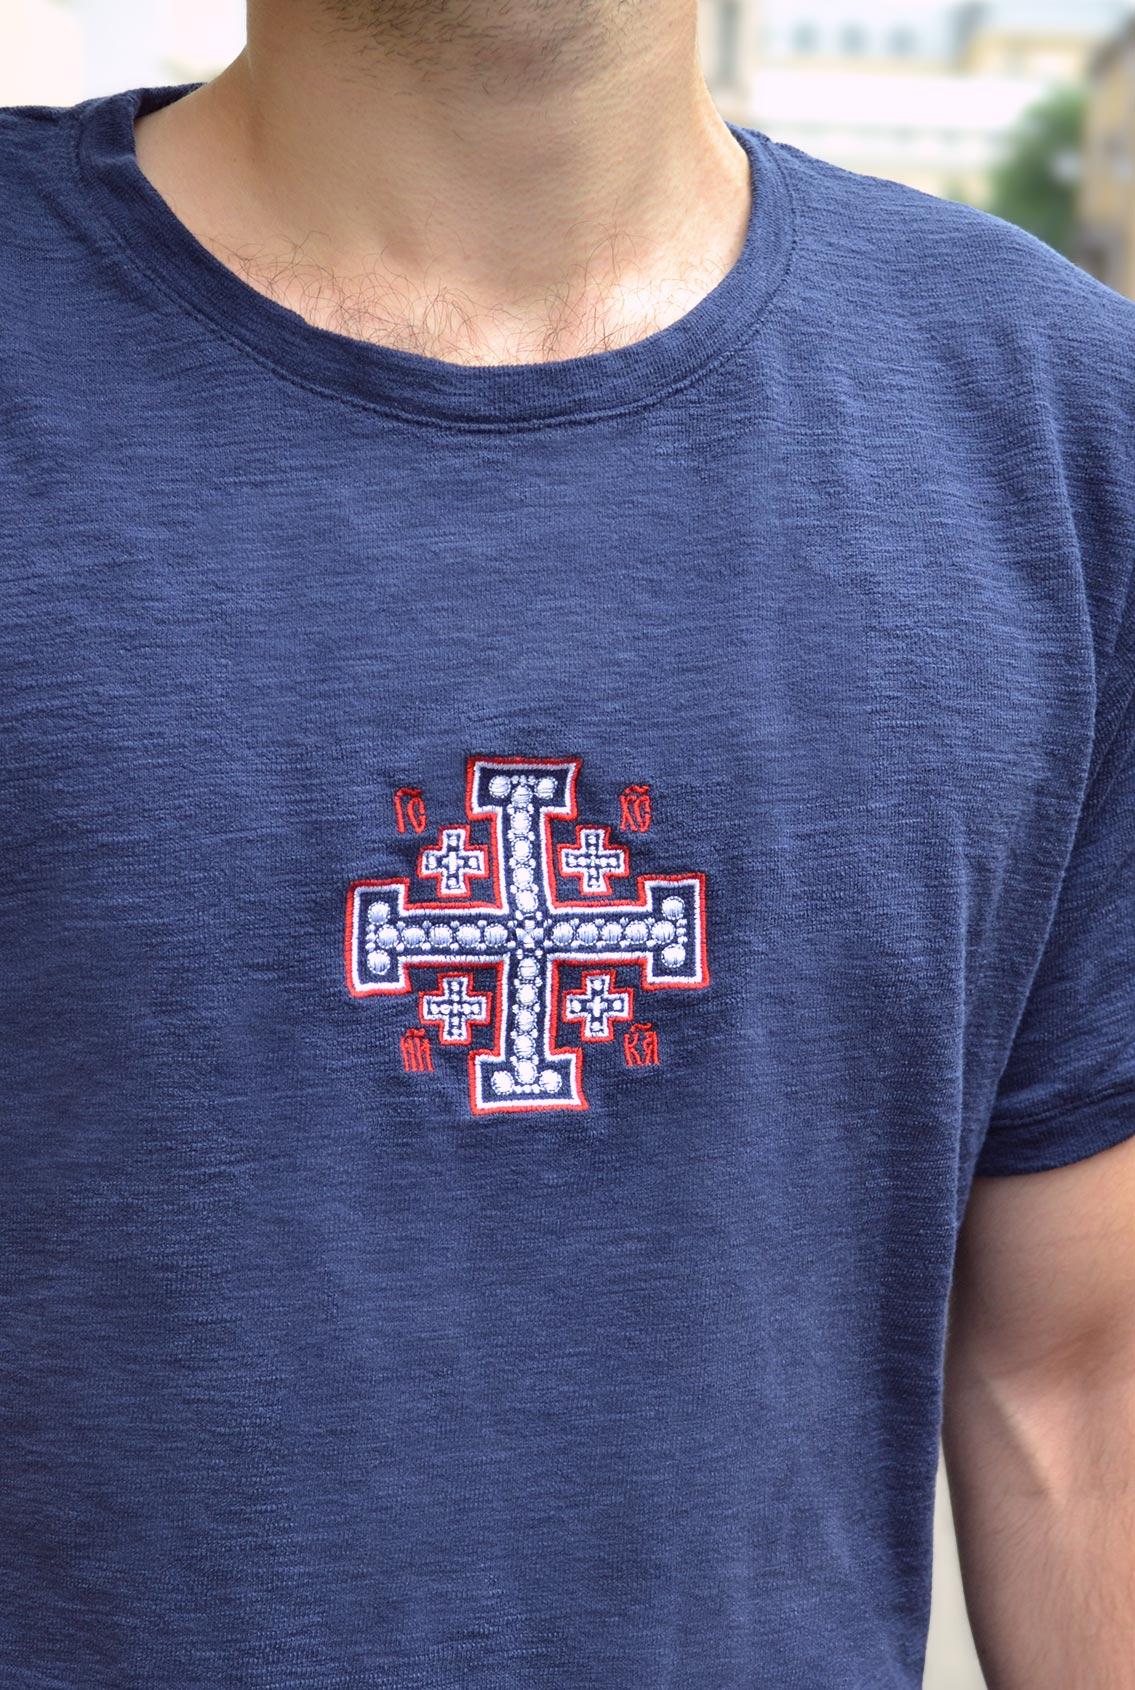 христианская футболка